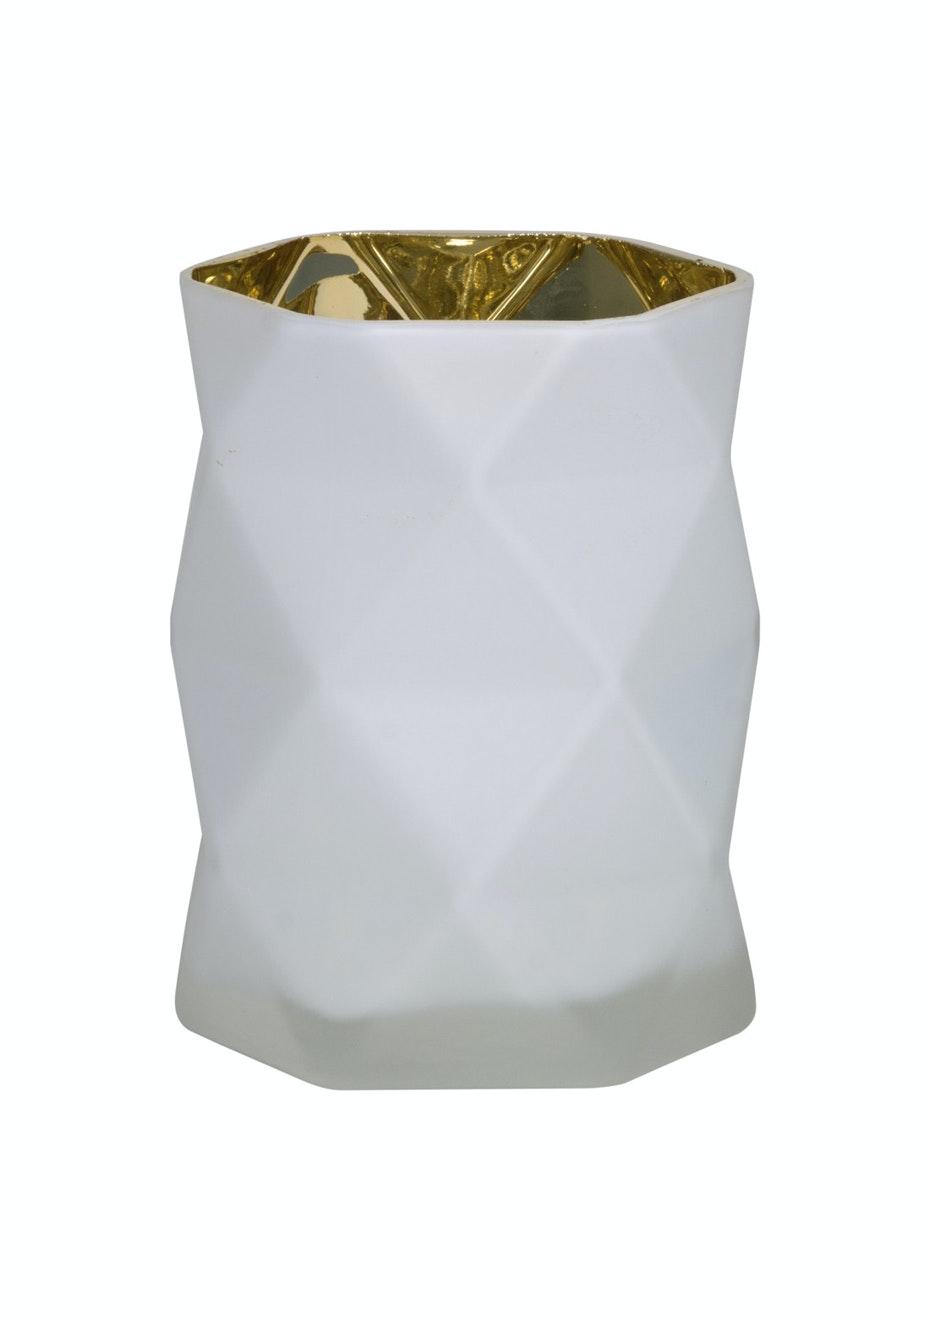 Jason - Geometric Candle Holder - White/Gold